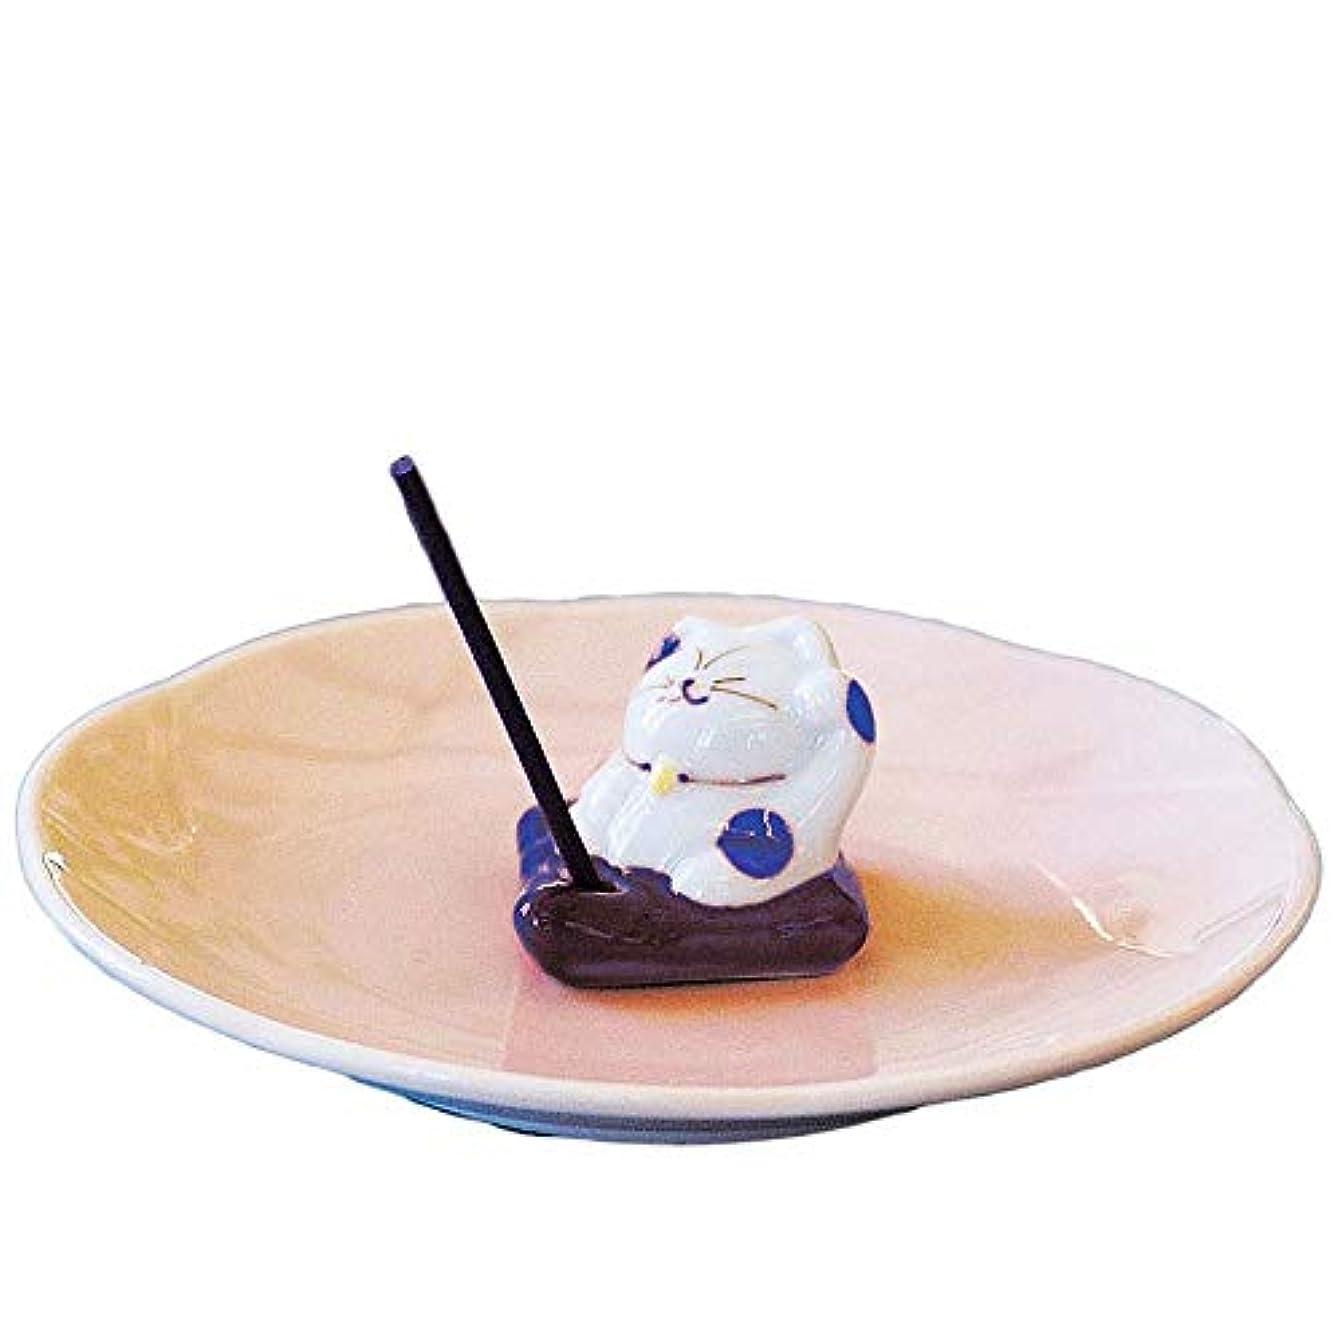 スコア連鎖妖精香皿 香立て/ザブトンネコ 香皿 ブルー/香り アロマ 癒やし リラックス インテリア プレゼント 贈り物